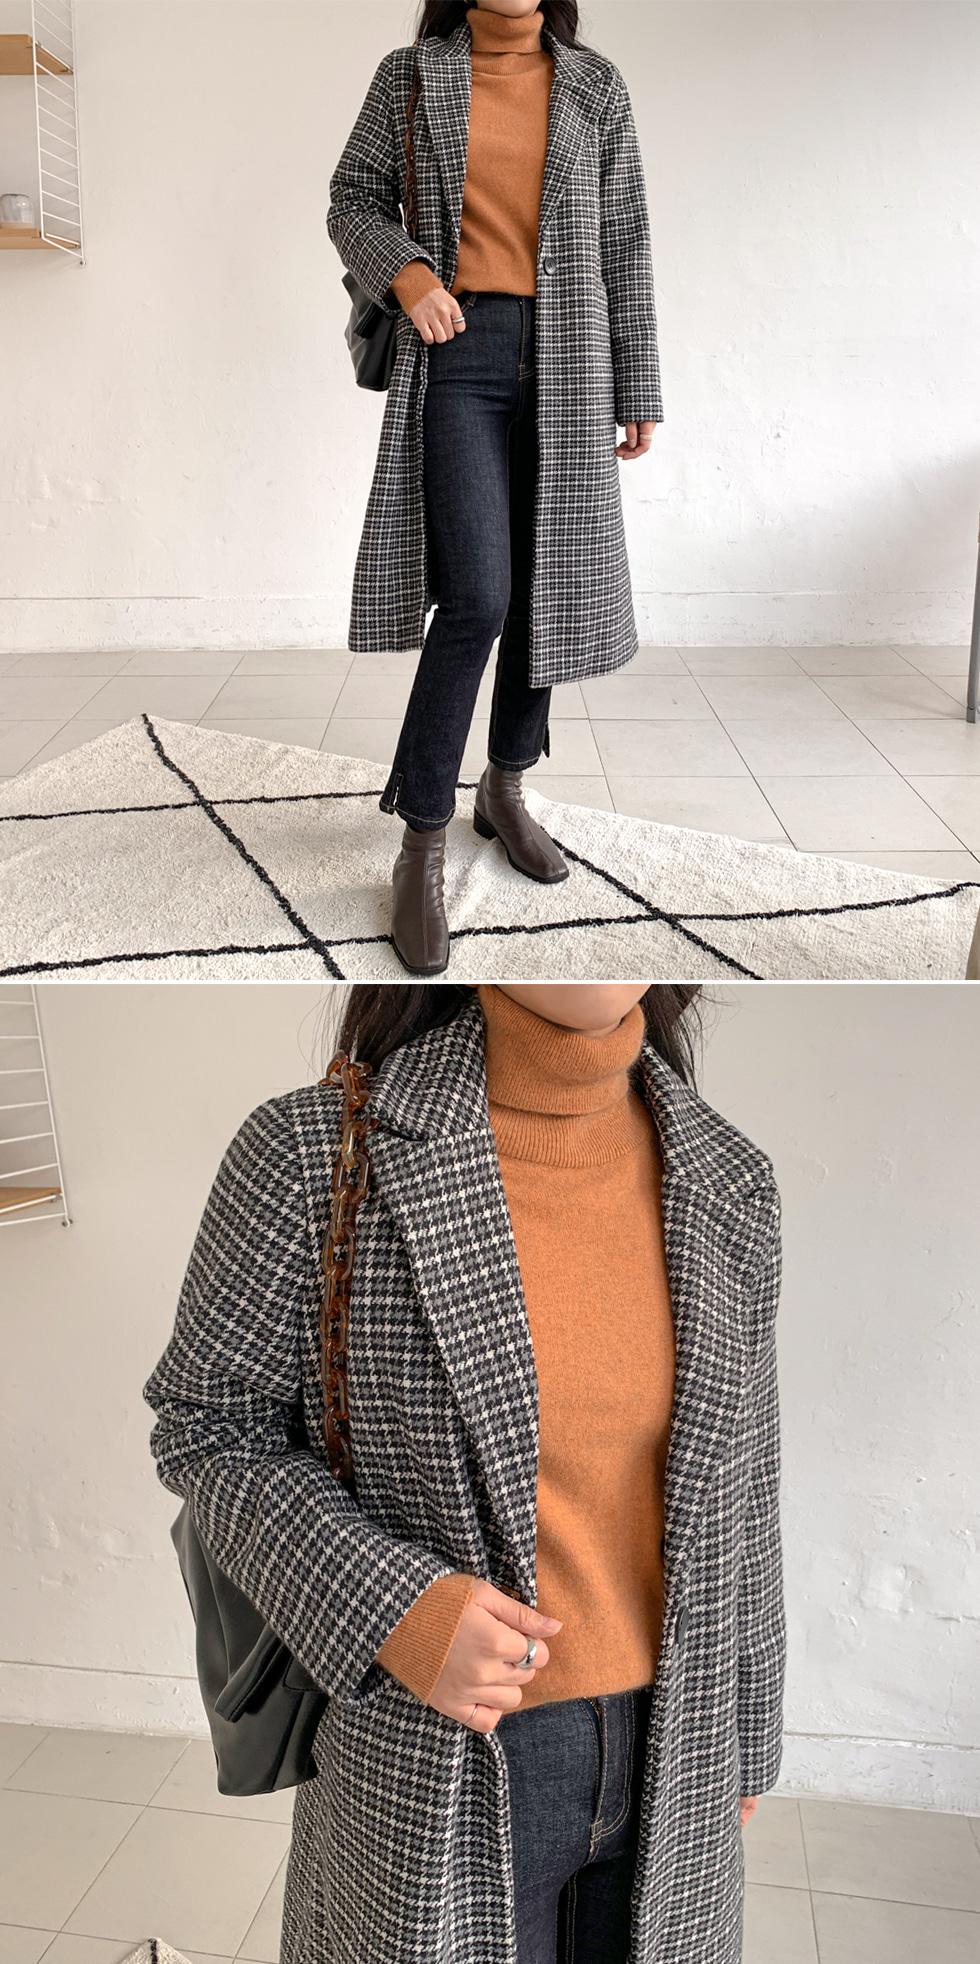 Raccoon Wool Turtleneck Knitwear